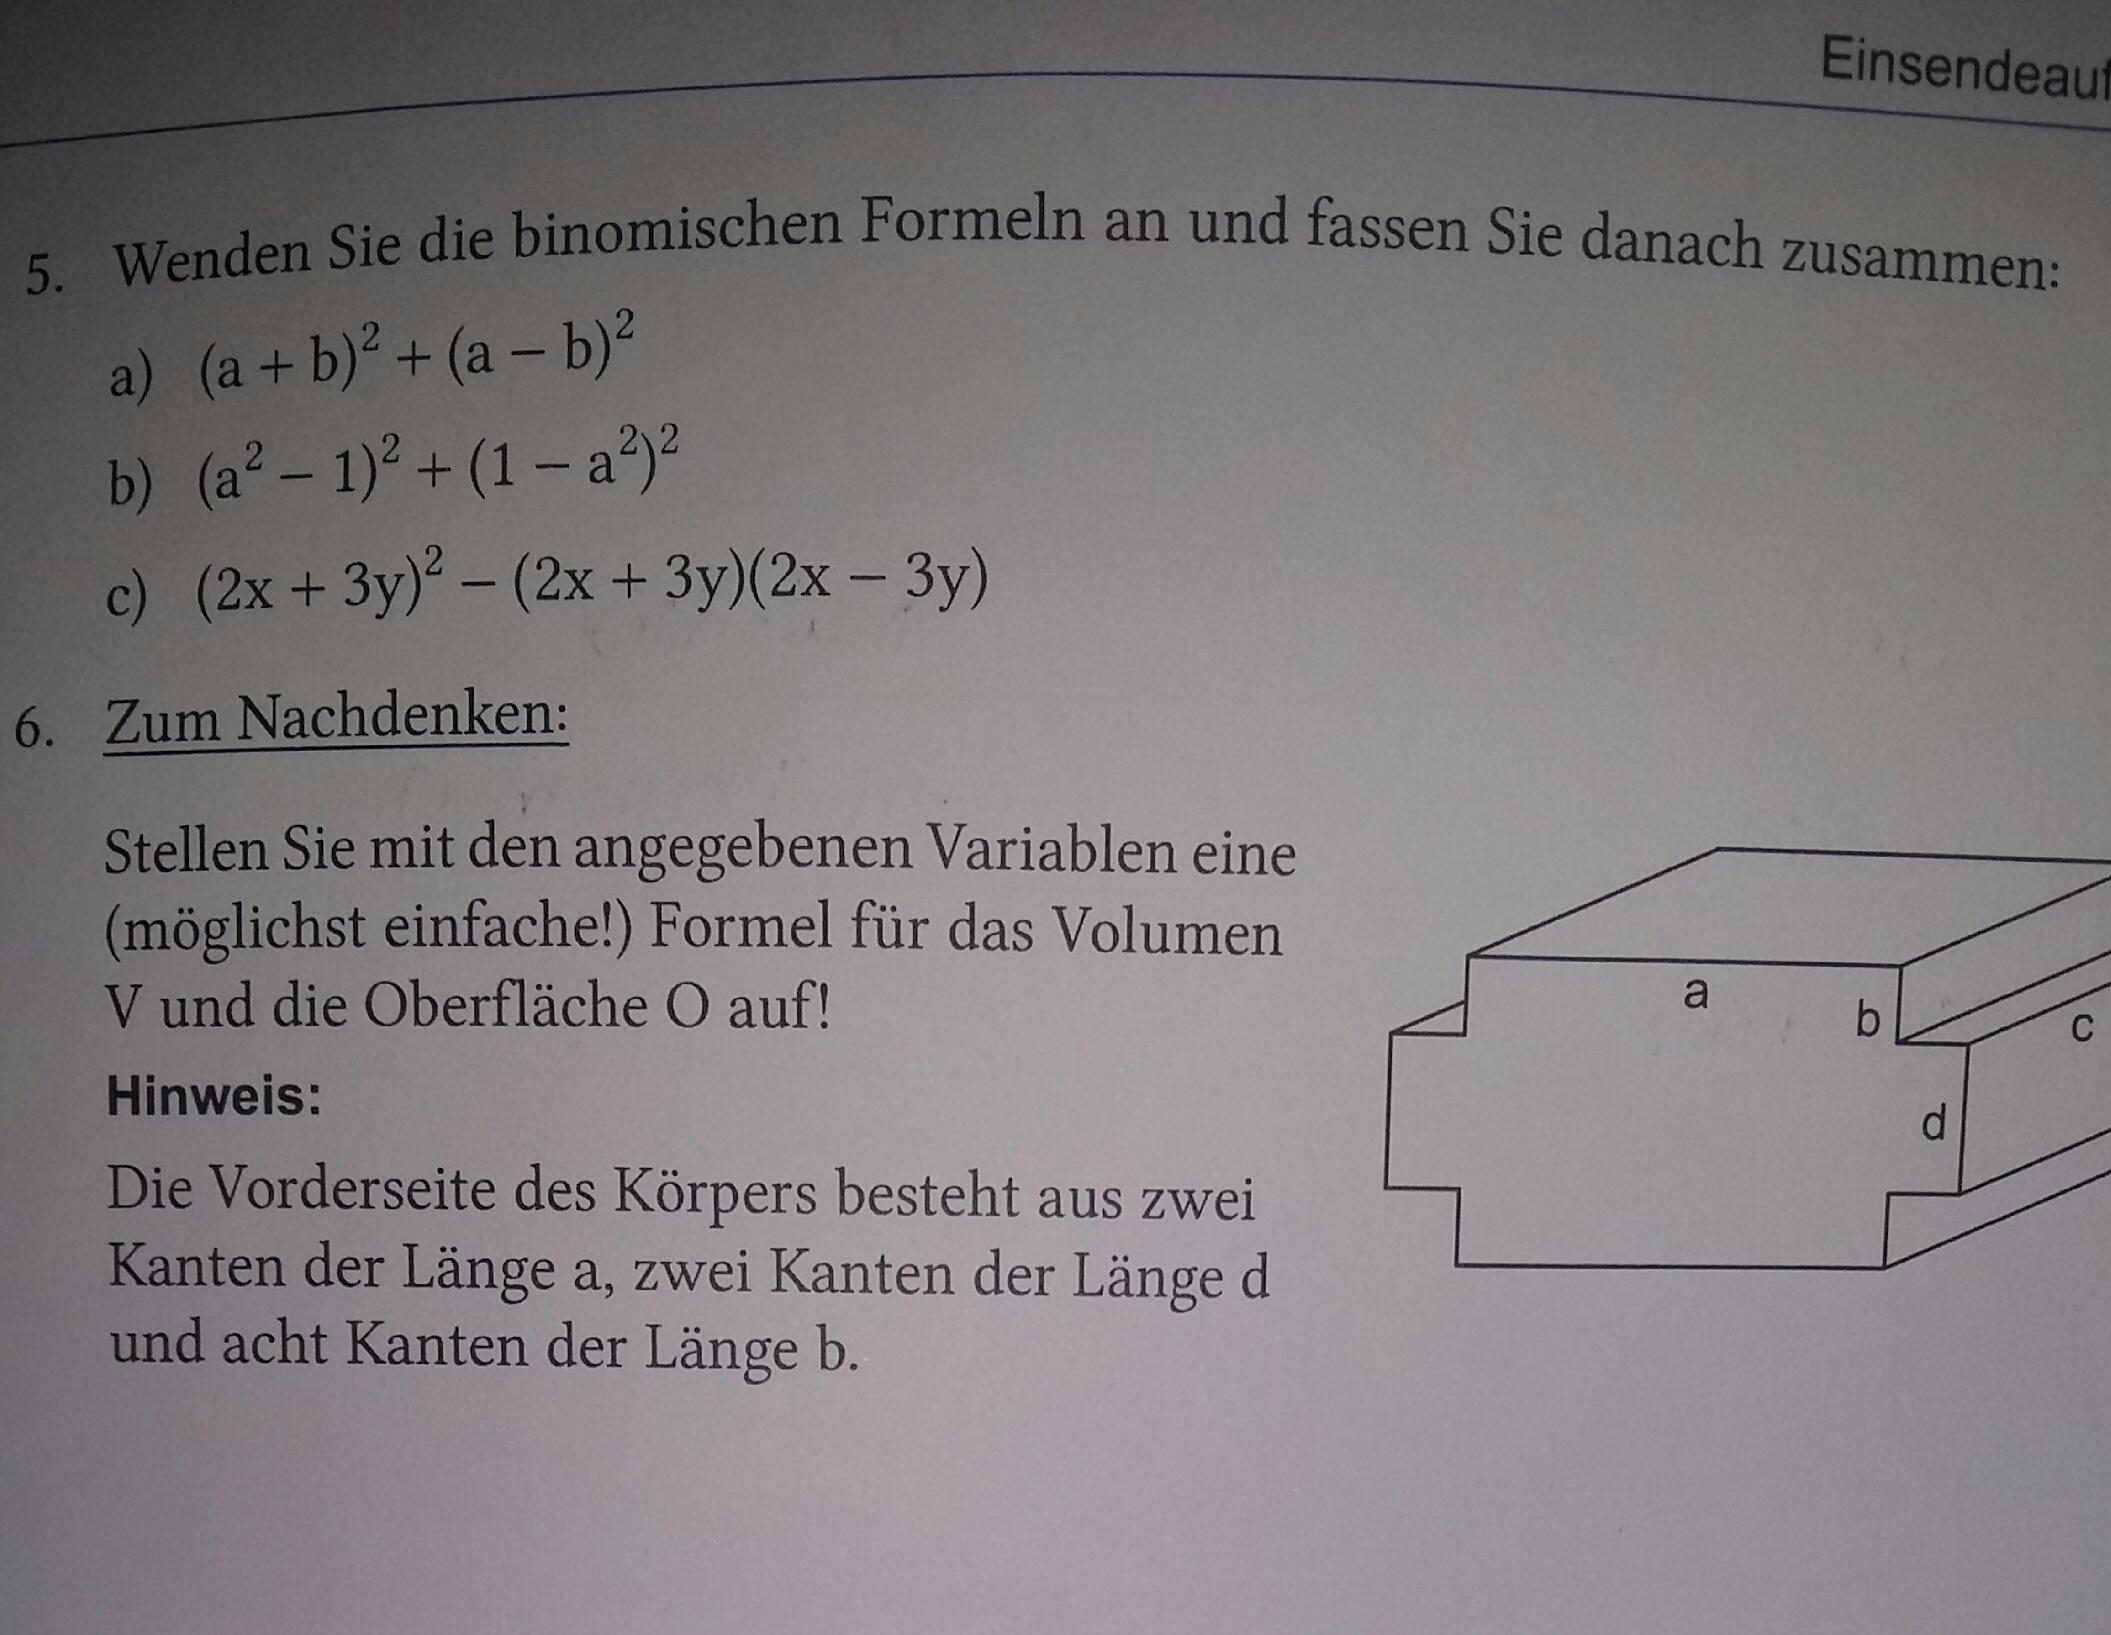 binomische formeln und formel f r ein volumen berechnen. Black Bedroom Furniture Sets. Home Design Ideas